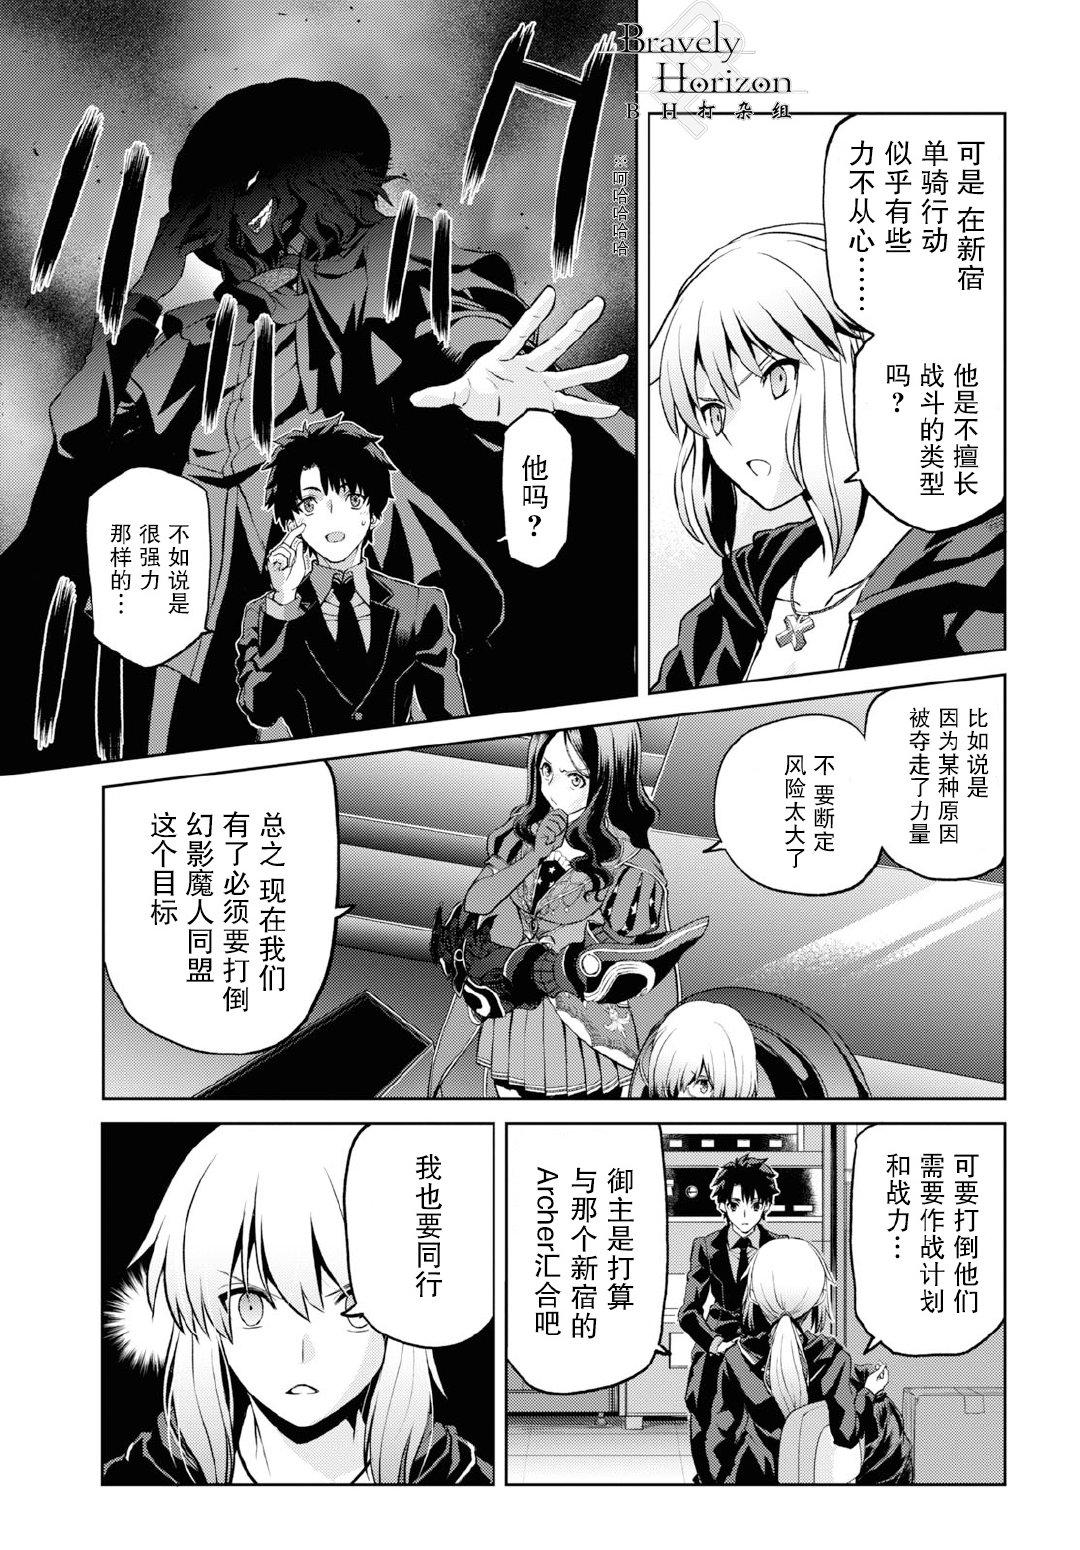 Fate Grand Order 短篇漫画 1.5.1 亚种特异点Ⅰ恶性隔绝魔境 新宿幻灵事件 第5话-02 Fate Grand Order Fate Grand Order 漫画 第3张